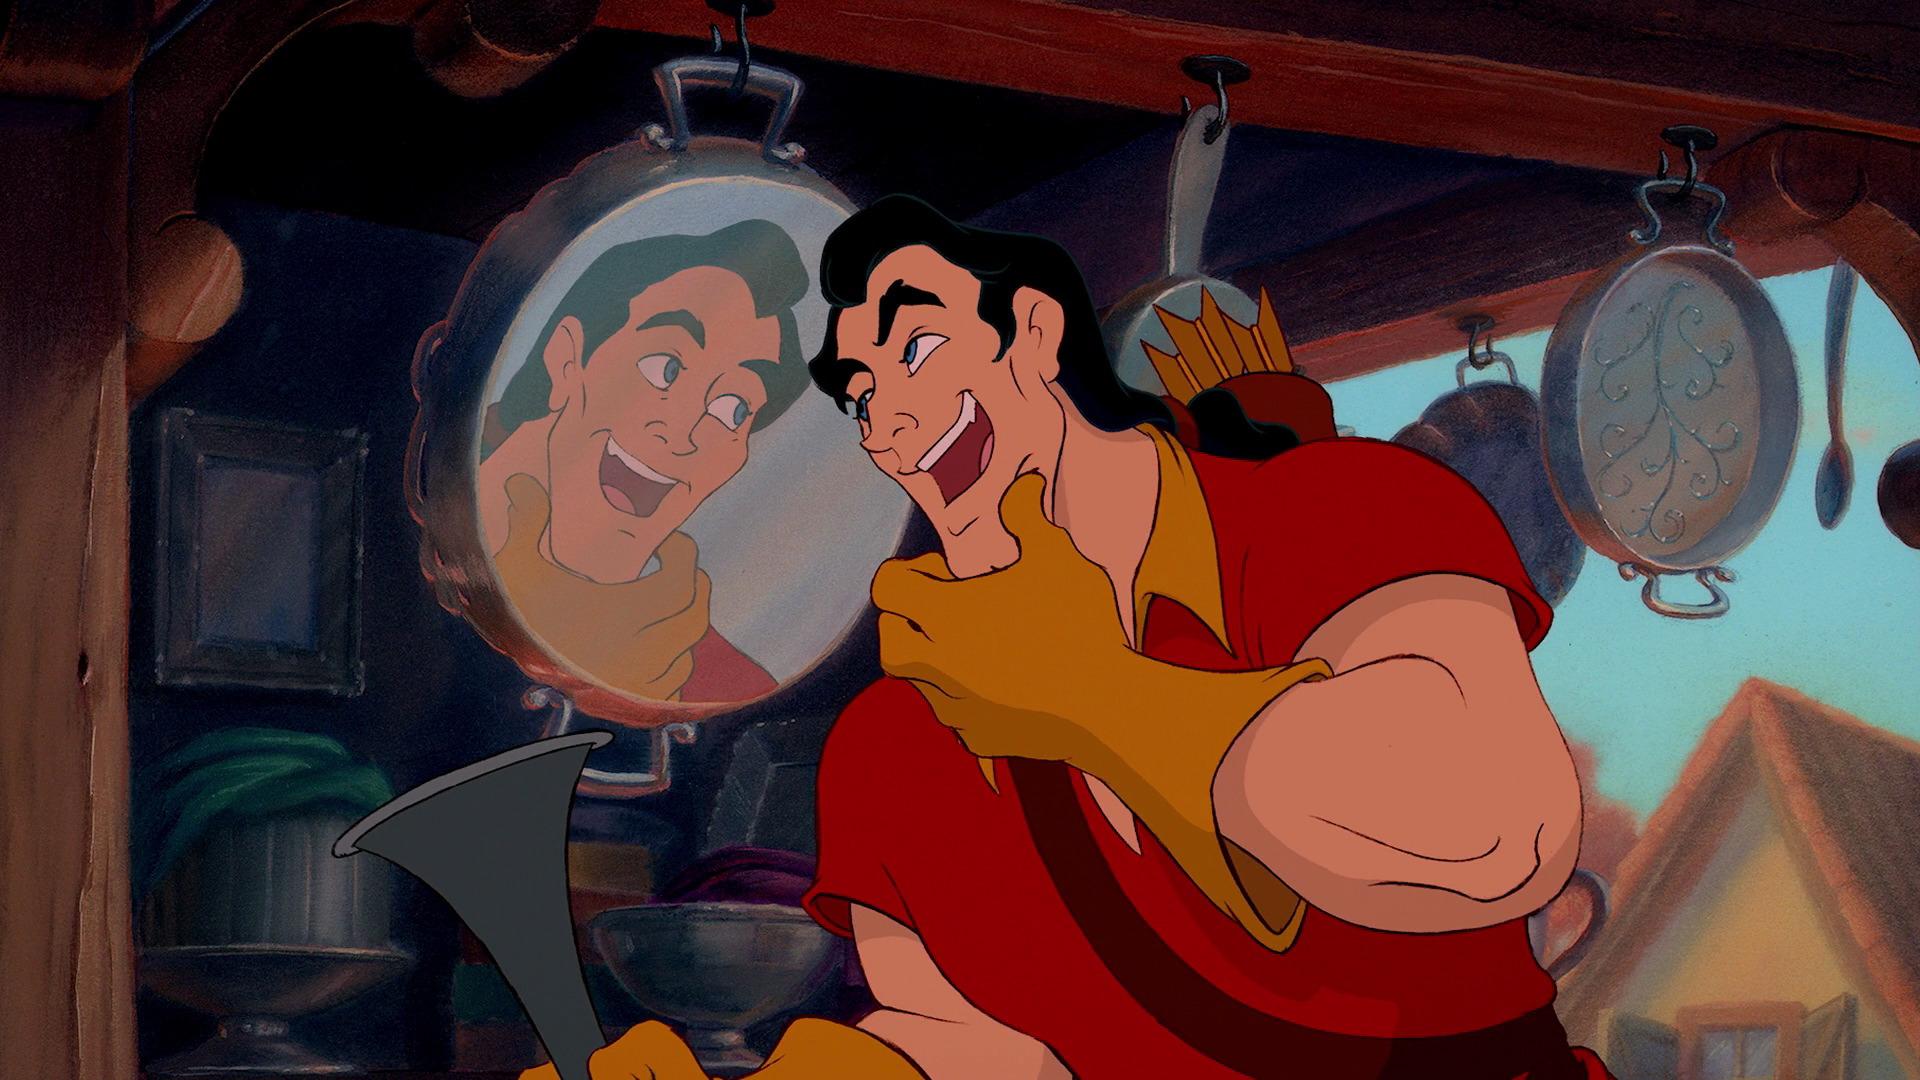 Gaston | Disney Wiki | FANDOM powered by Wikia